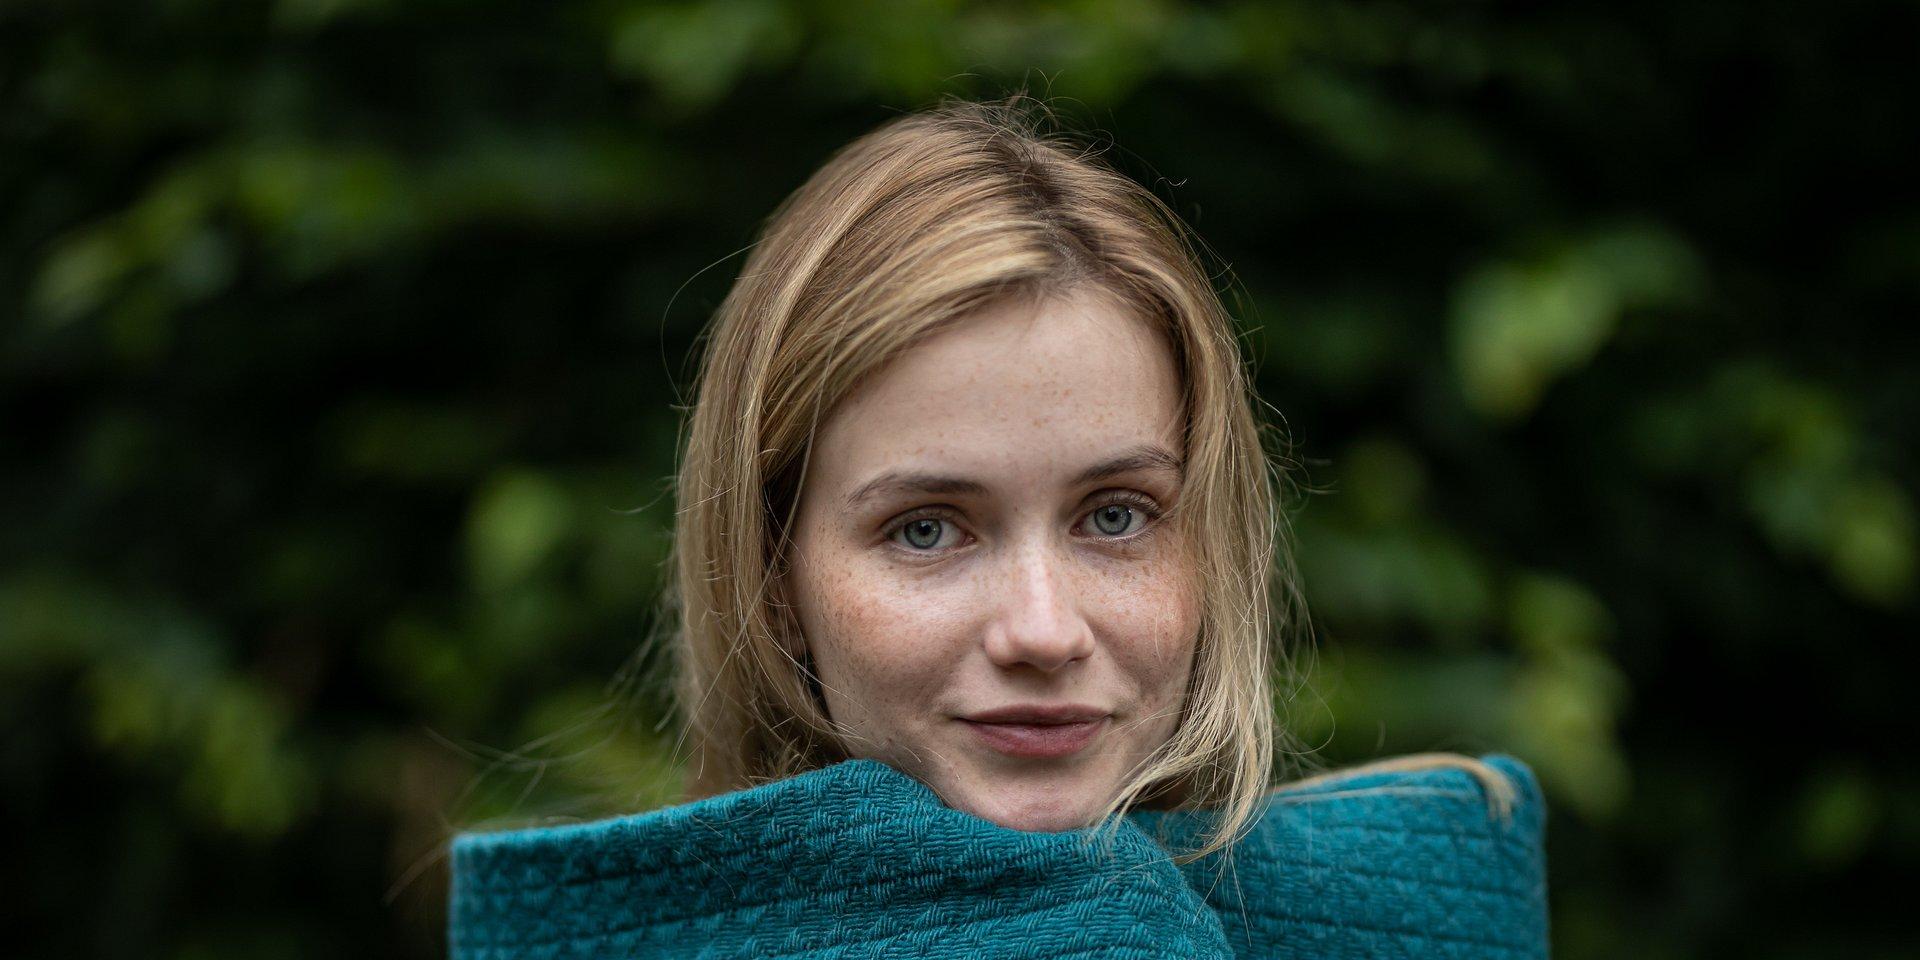 Hanna Koczewska o swojej roli w Żmijowisku. CANAL+ przedstawia kulisy produkcji serialu.